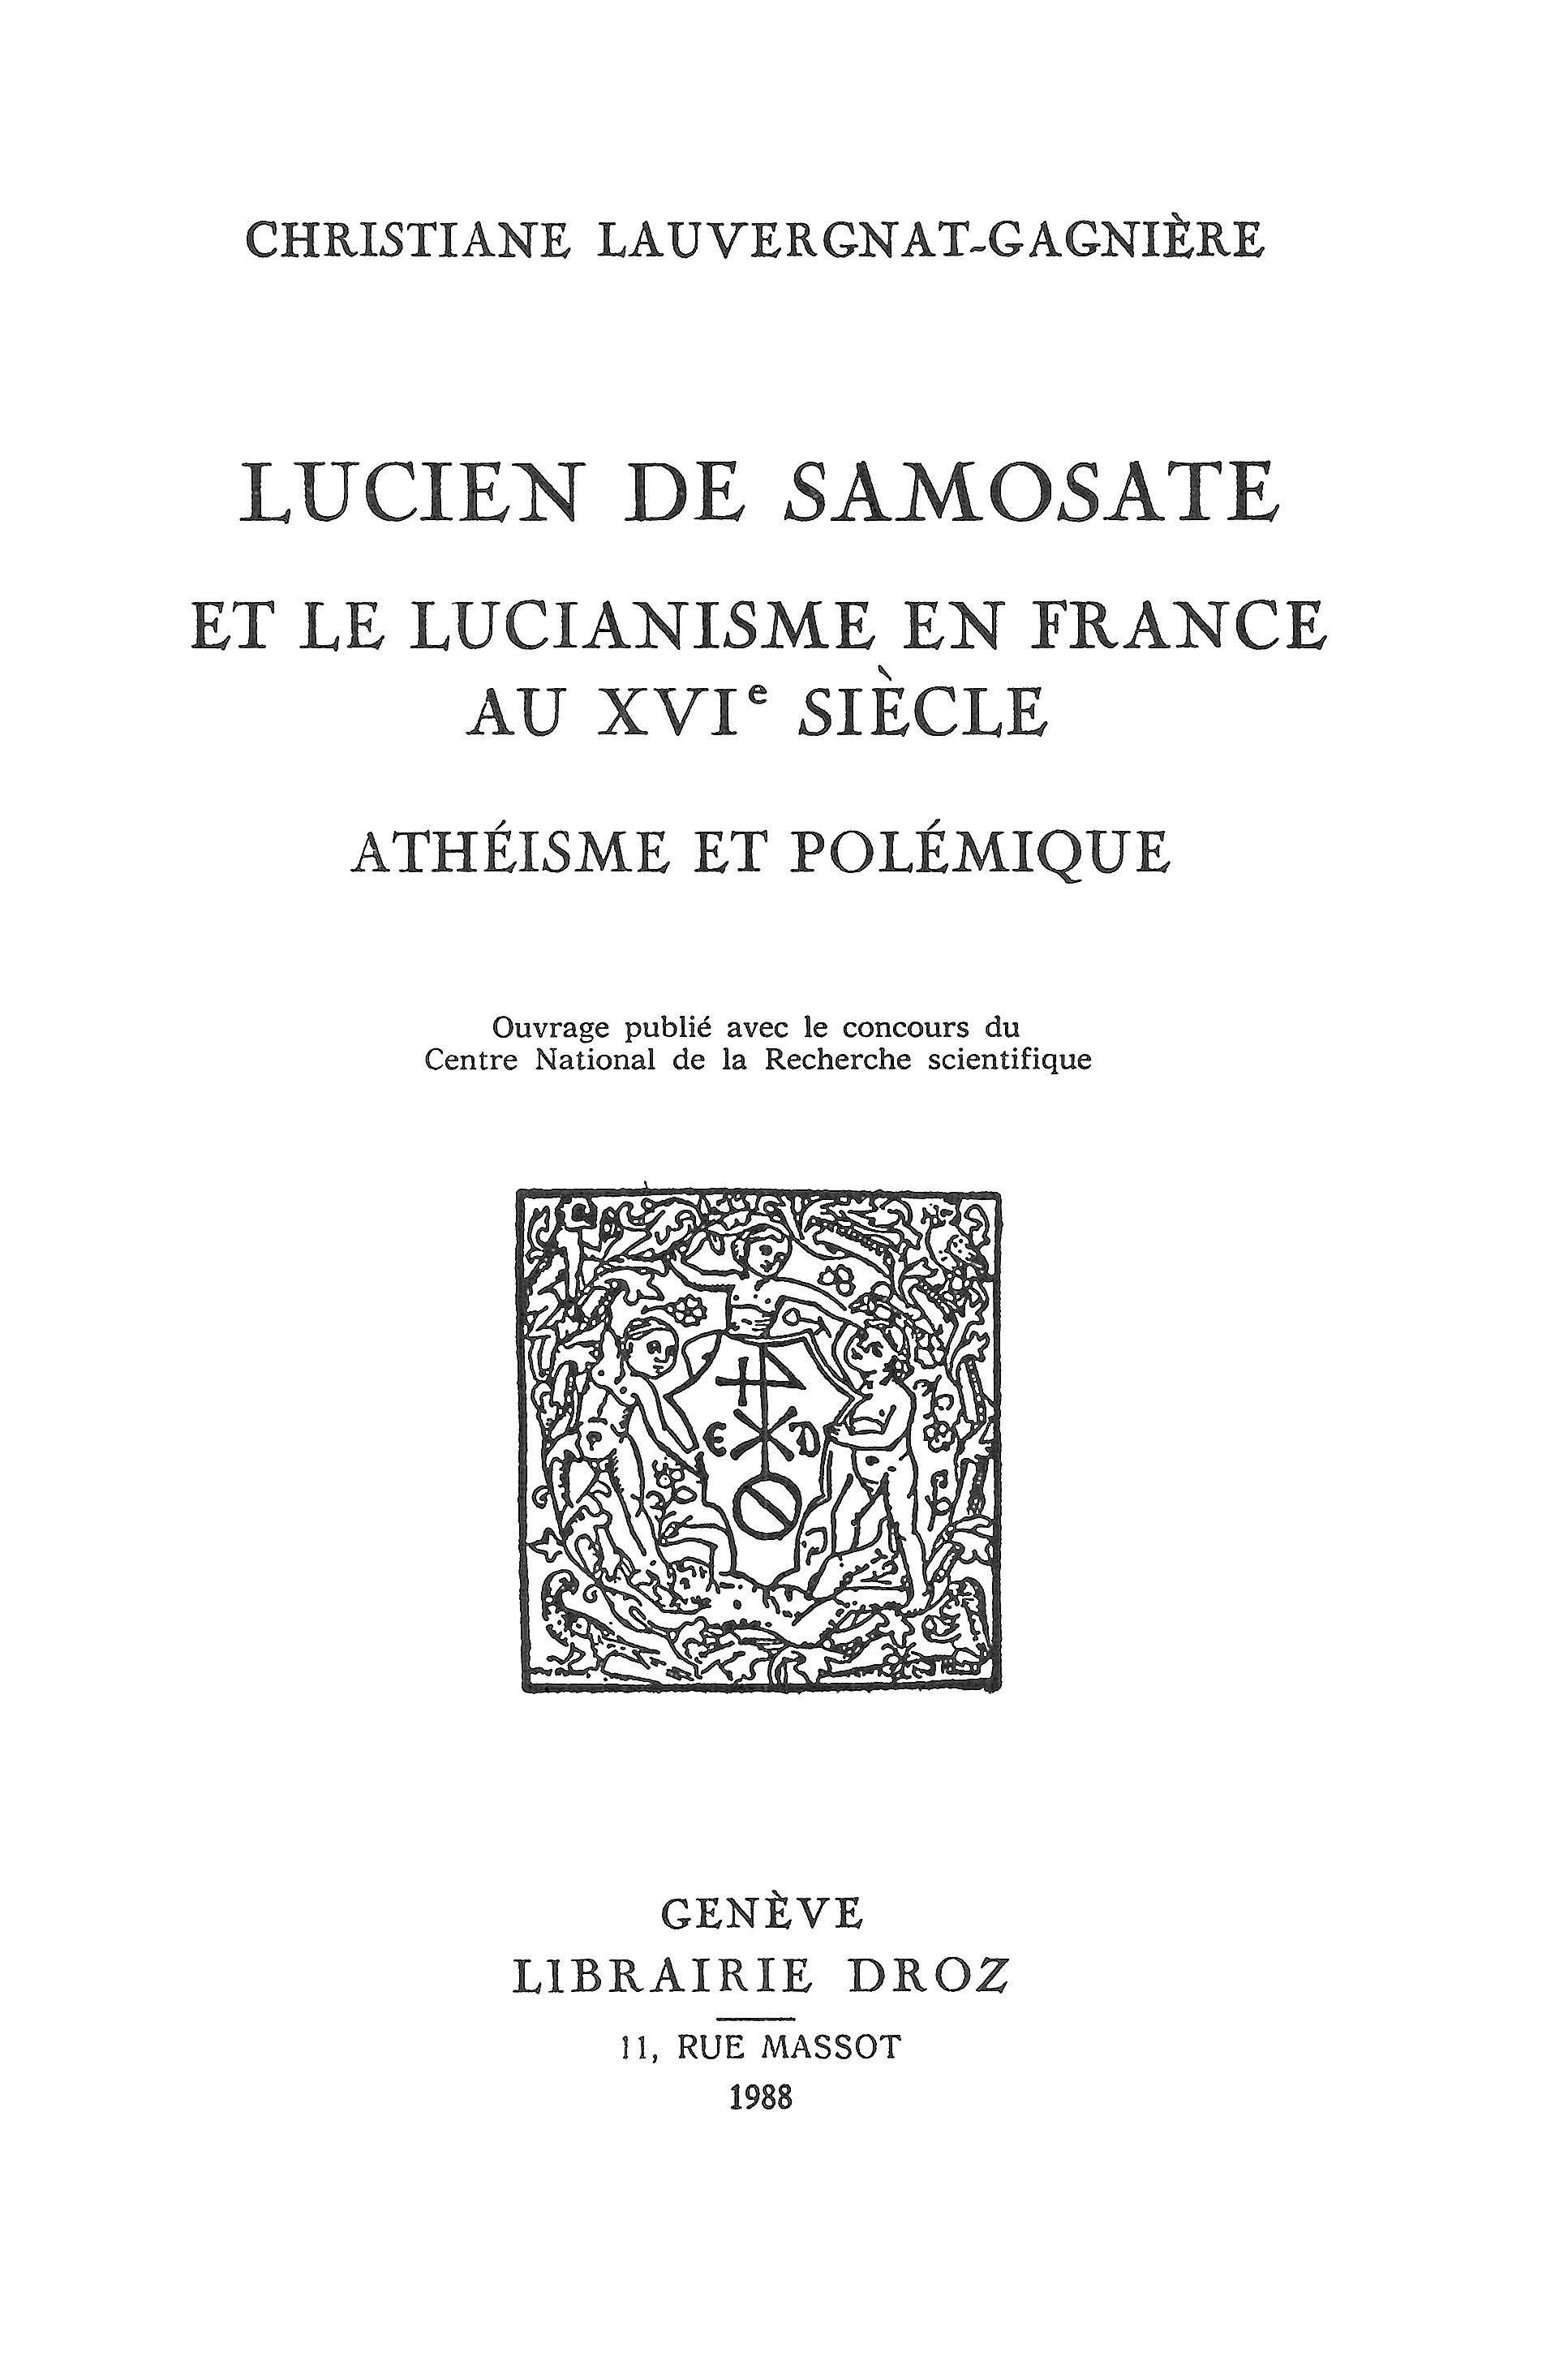 Lucien de samosate et le lucianisme en france au xvie siecle : atheisme et polemique